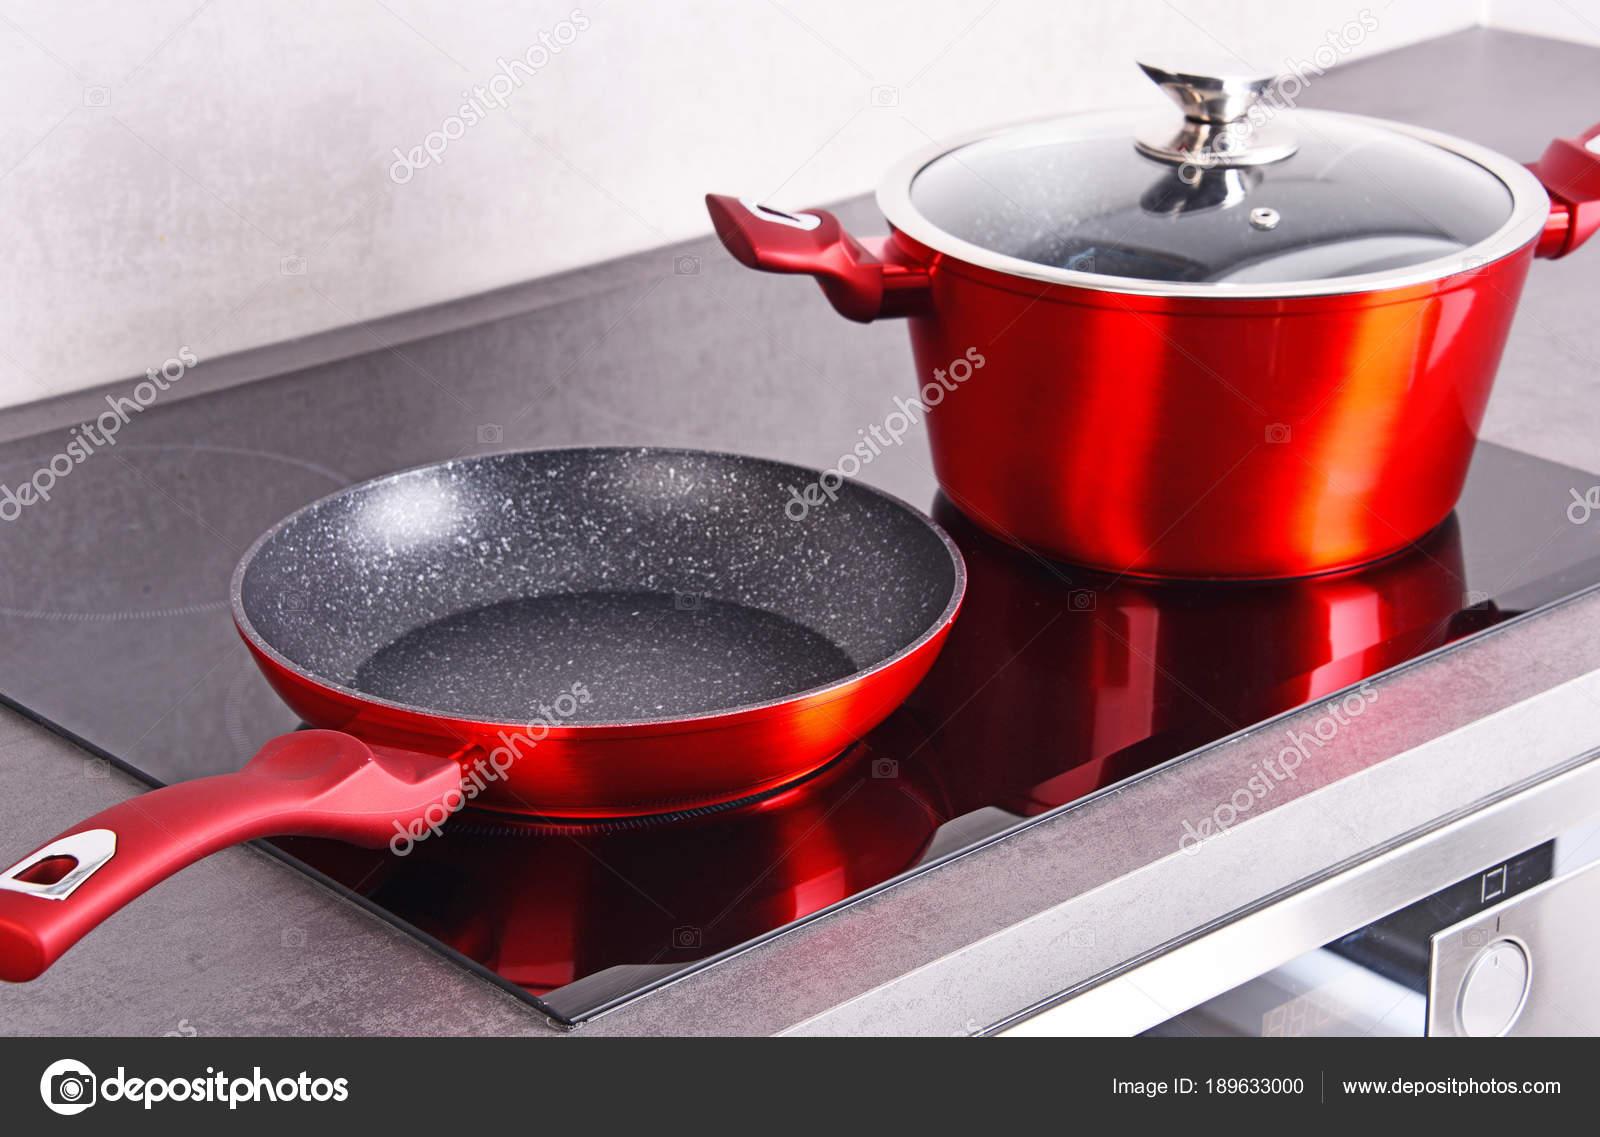 Frittura pan e acciaio pentola sul piano cottura a induzione moderno ...